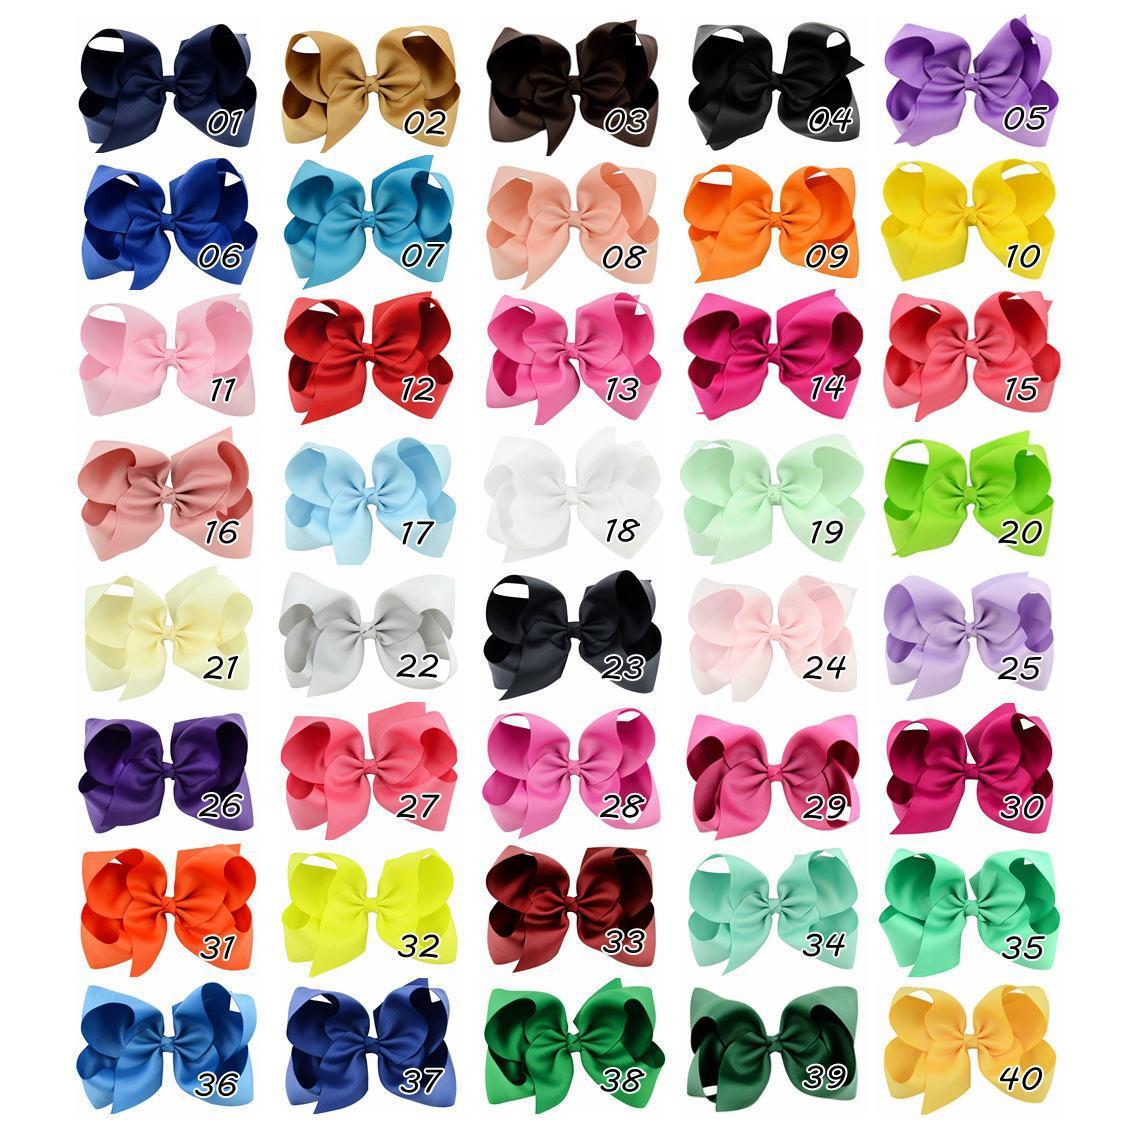 6 인치 베이비 리본 활 클립 솔리드 컬러 록 클립 소녀 큰 bowknot 머리핀 아기 머리 부티크 활 어린이 헤어 액세서리 40colors